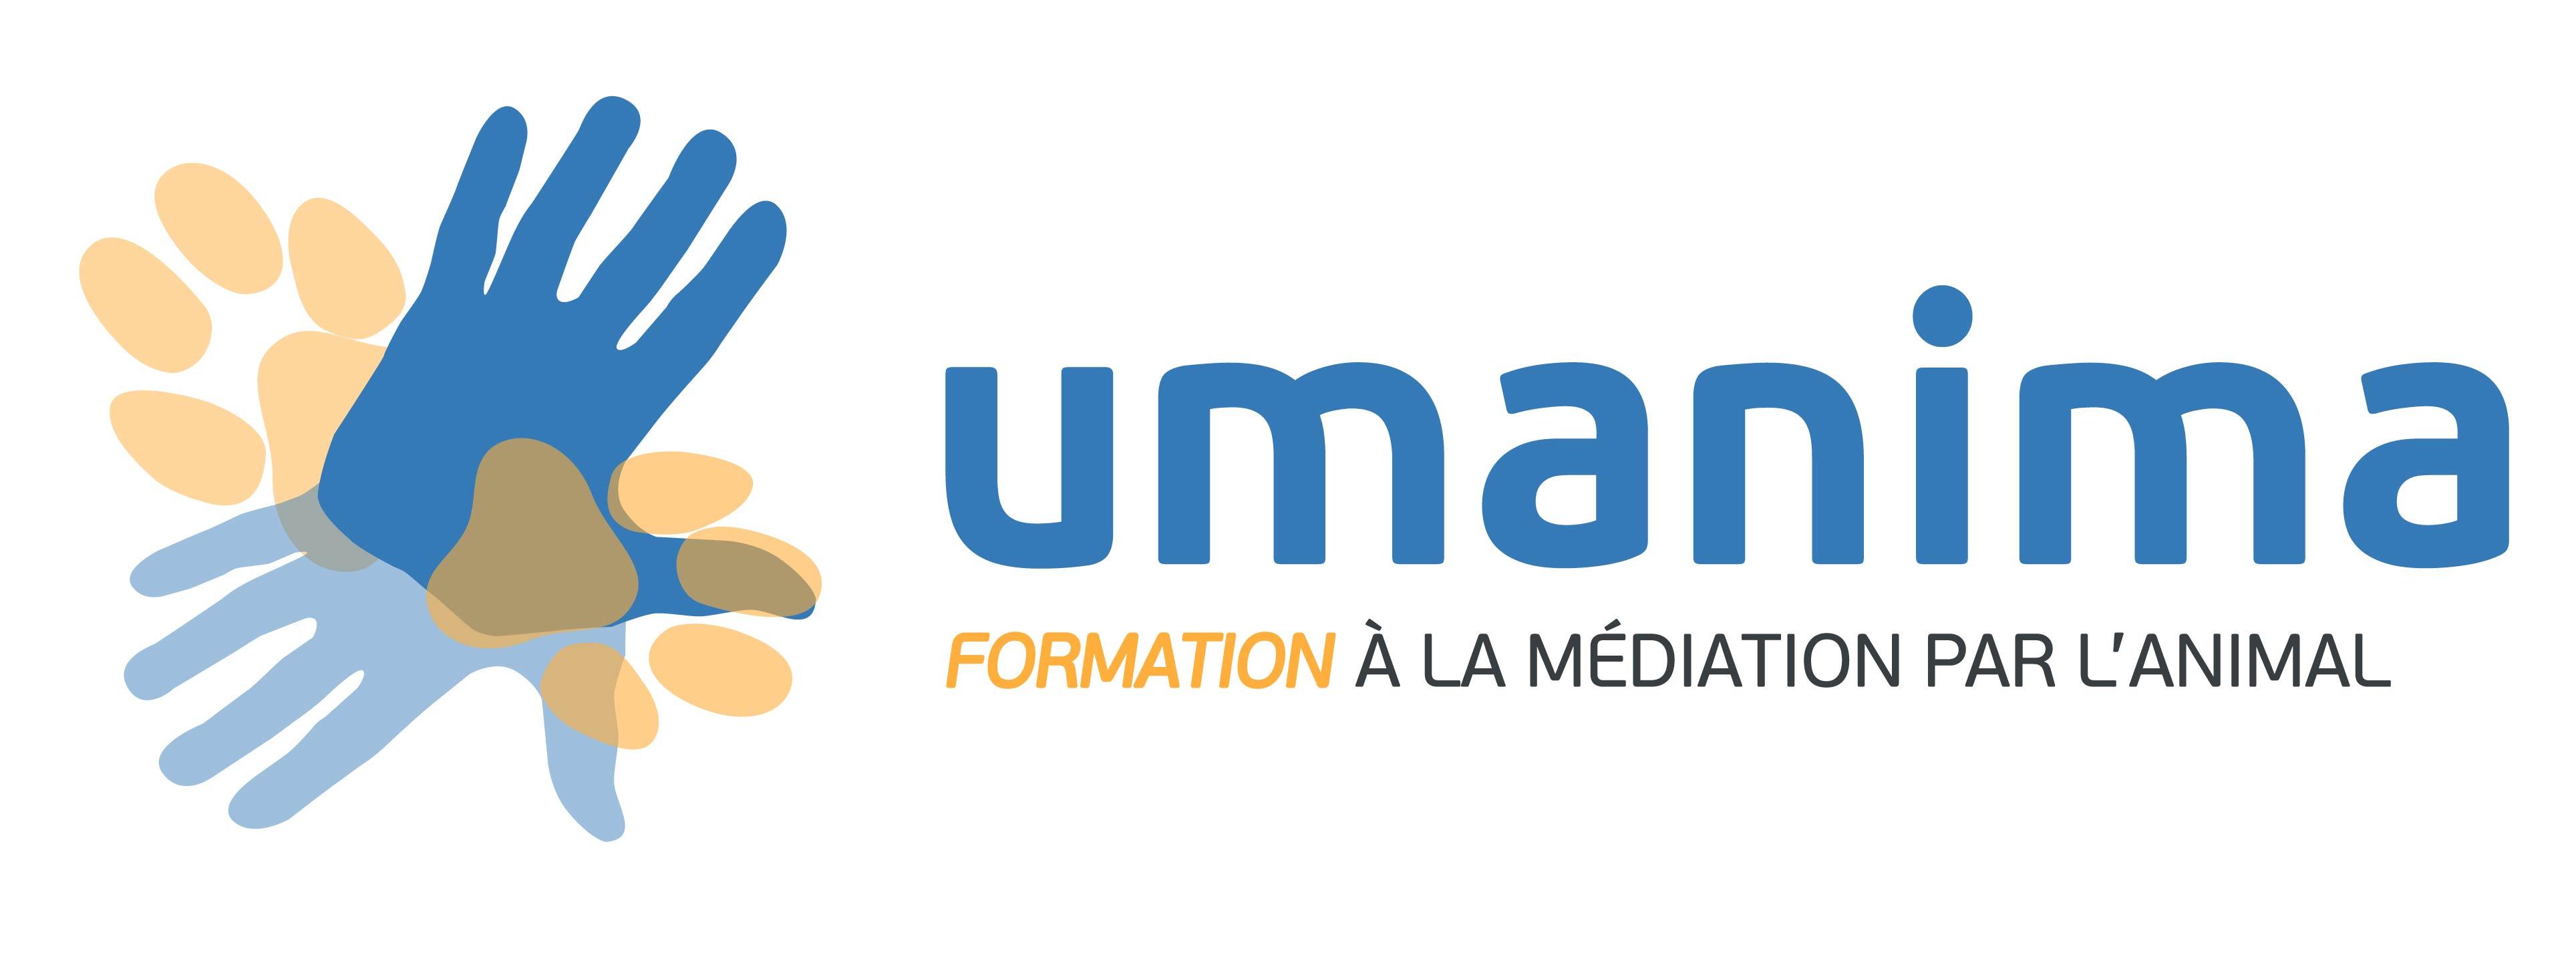 Umanima Formation - Formation à la médiation par l'animal (zoothérapie)